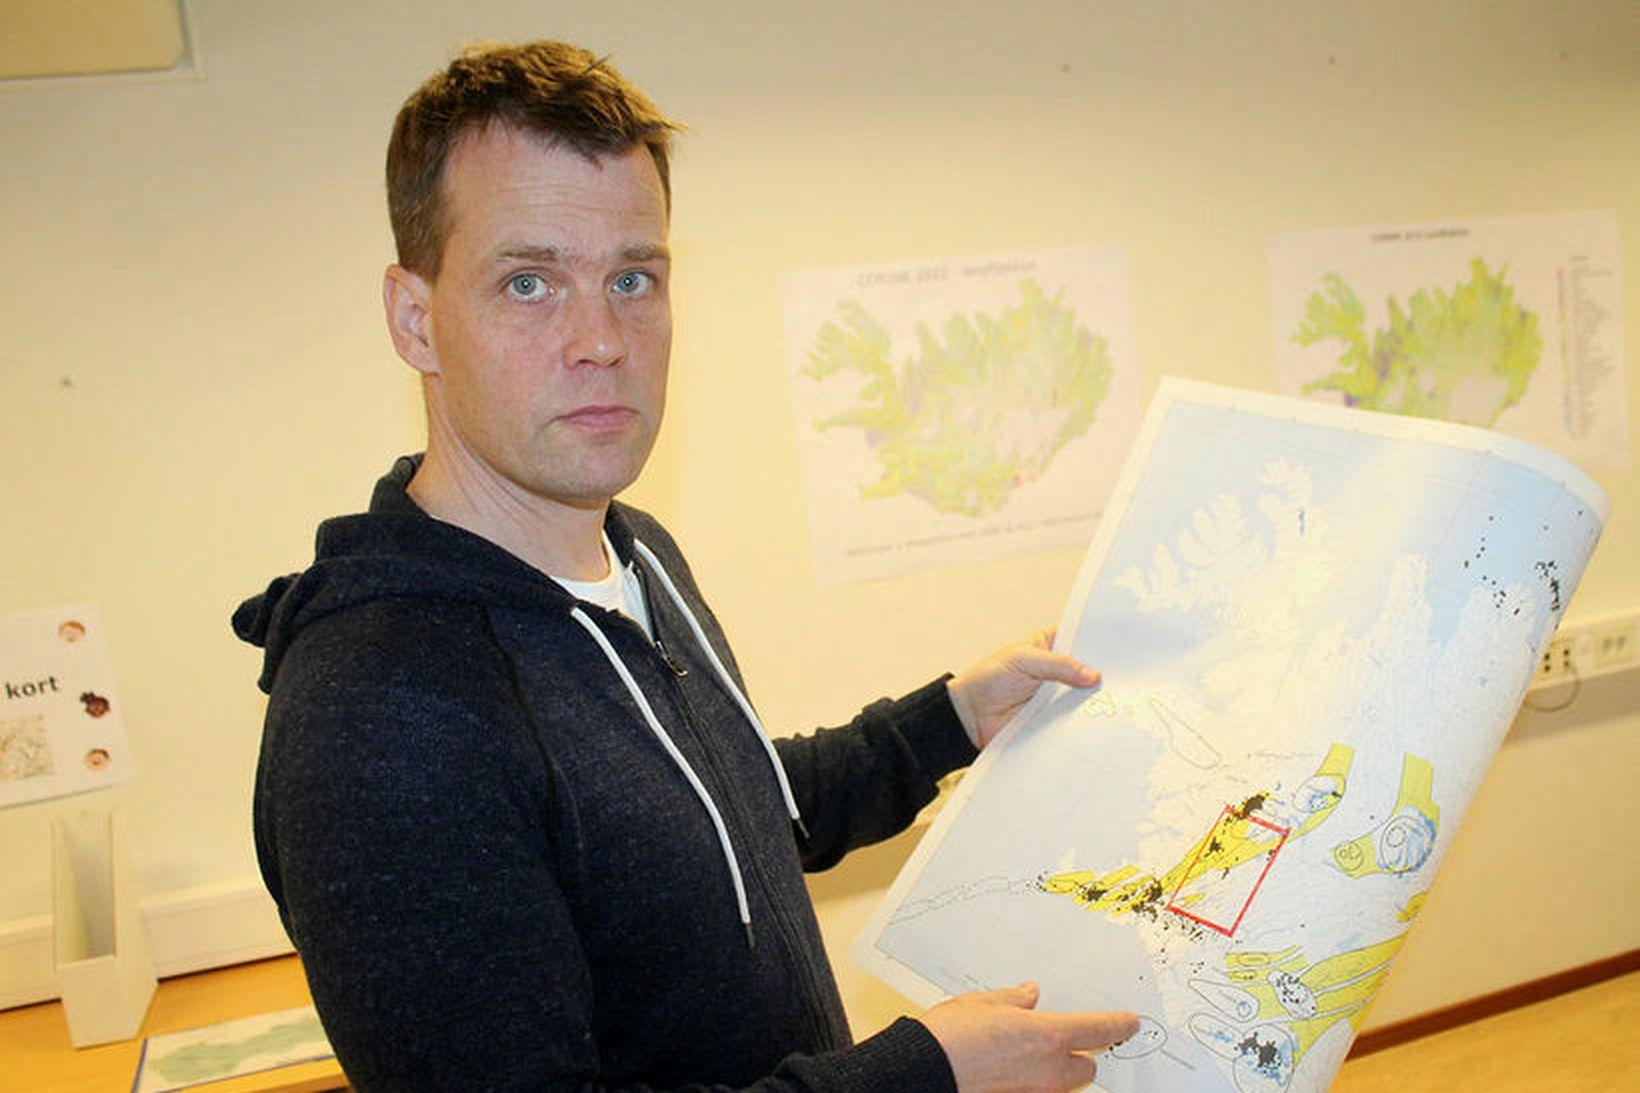 Gunnar Haukur Kristinsson